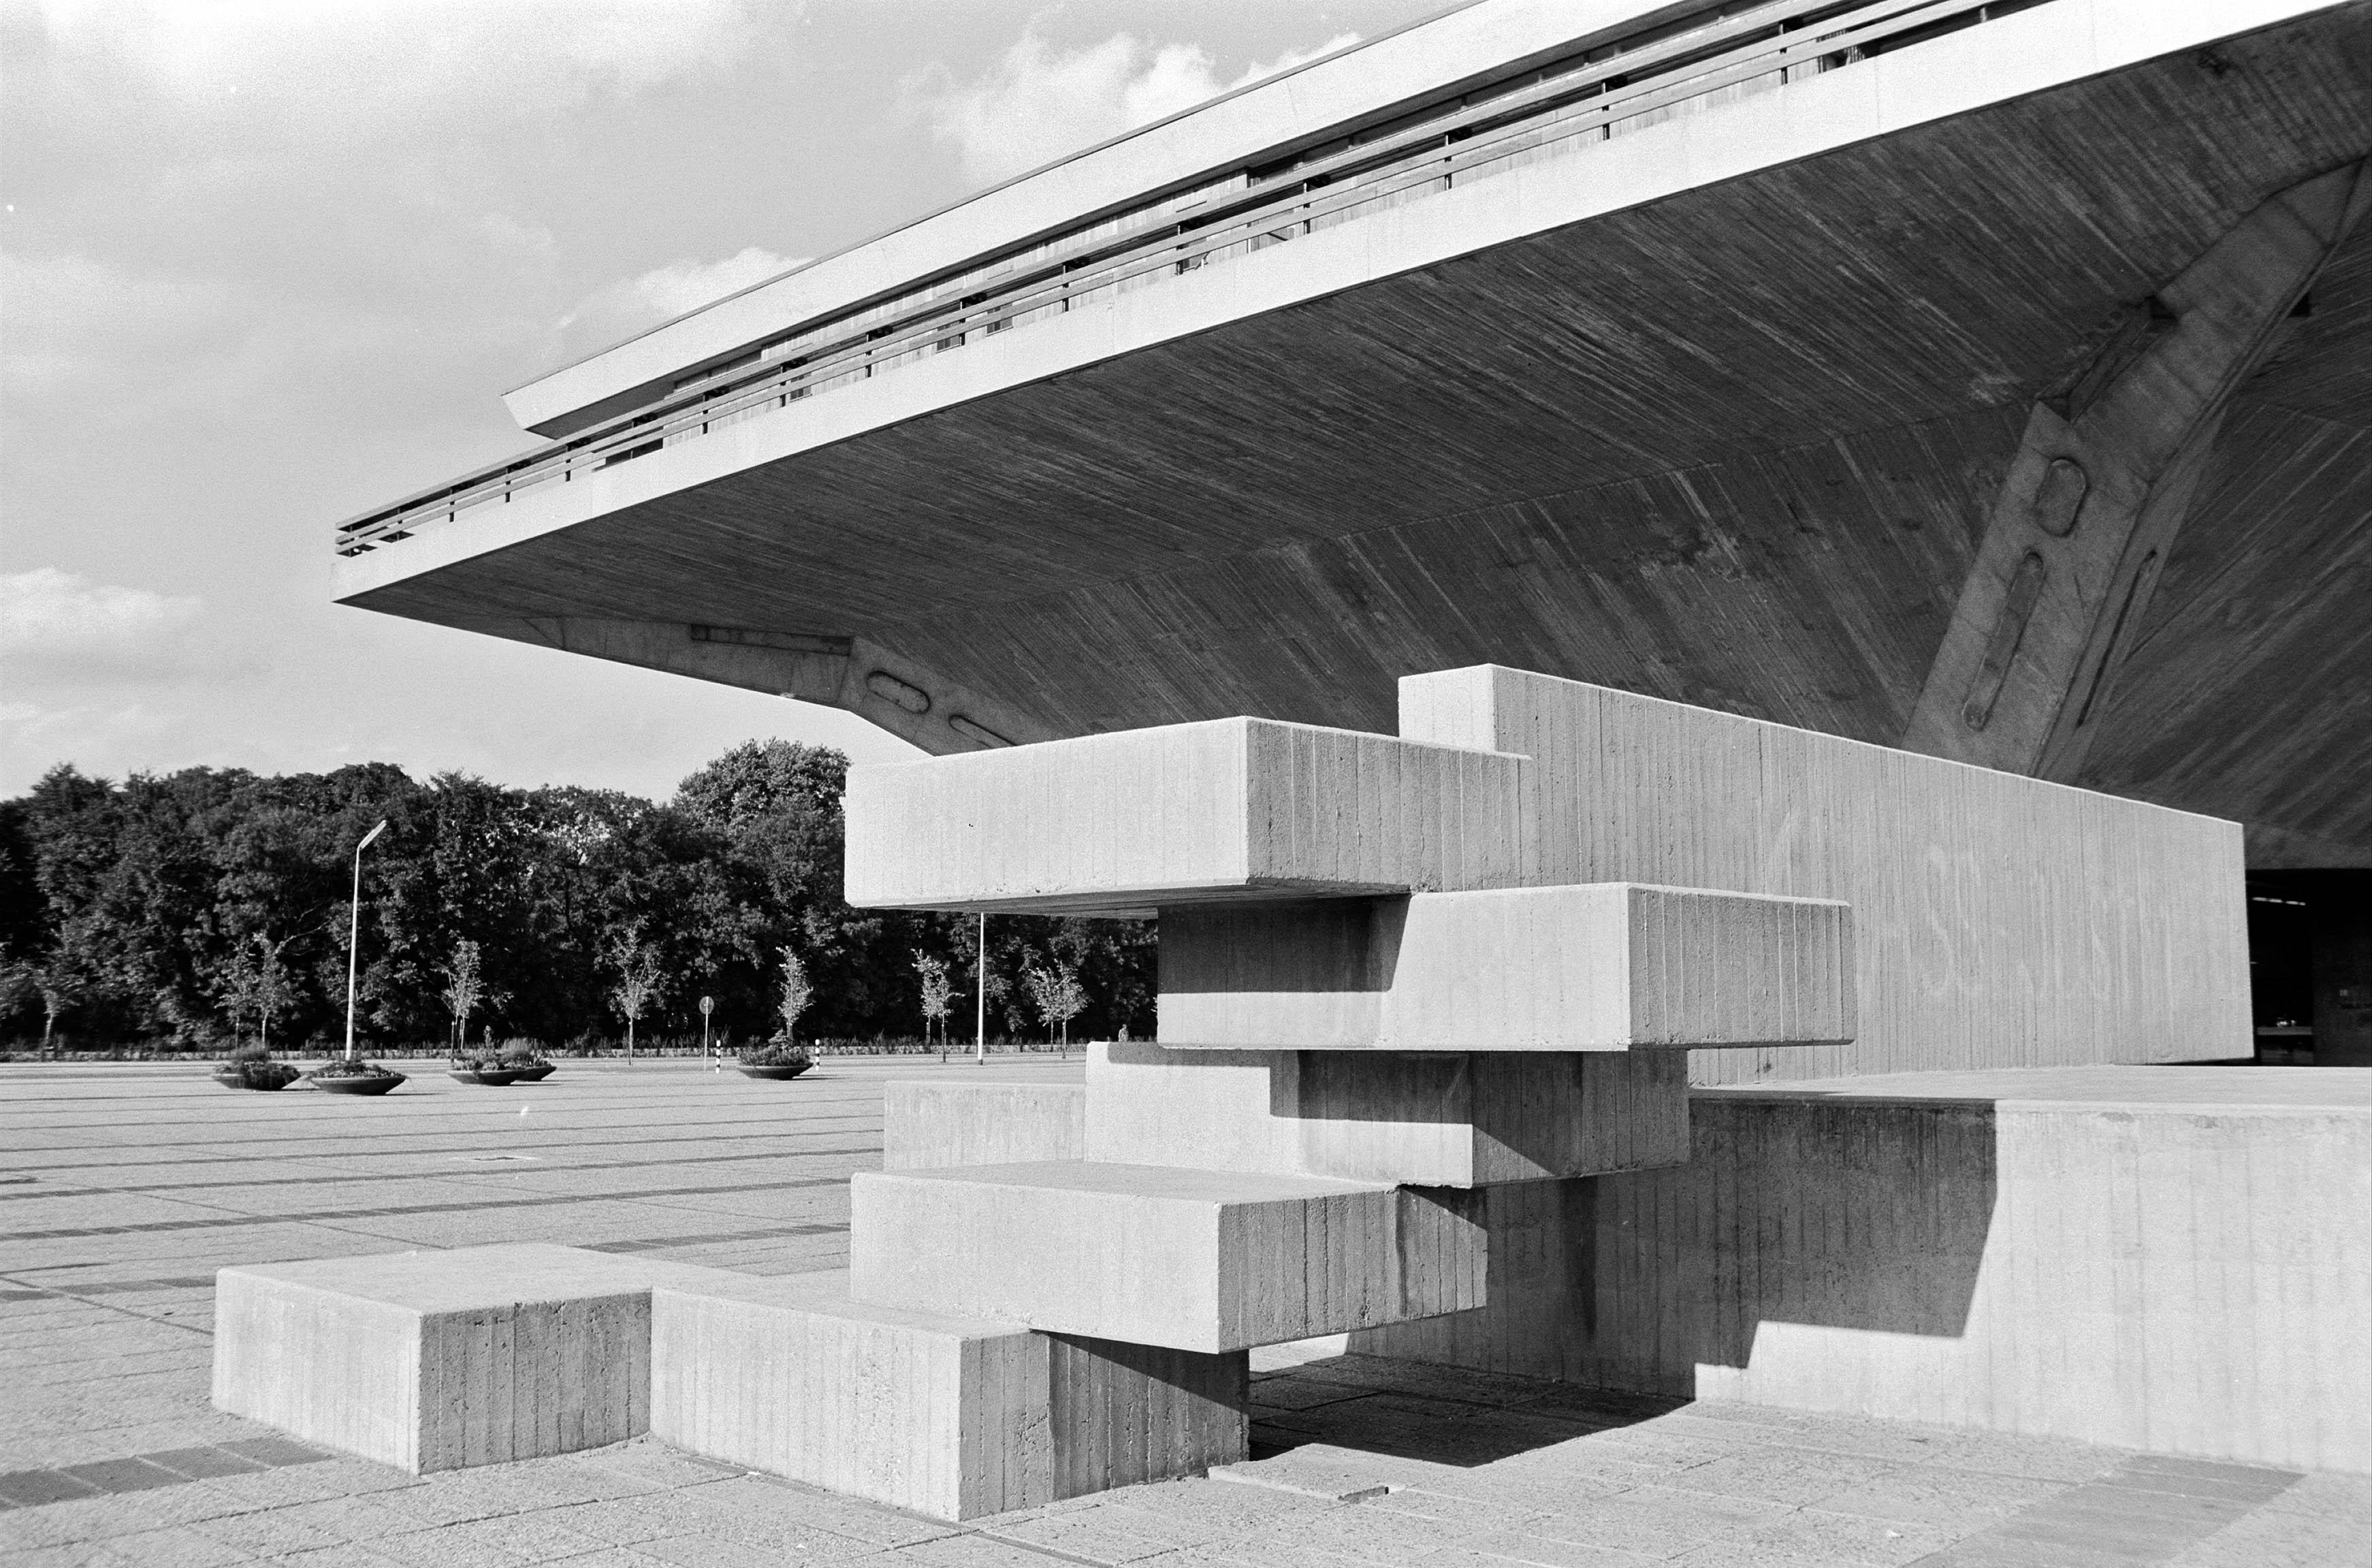 Kunstwerk Salami van Carel Visser voor de Aula van de Technische Hogeschool Delf :: TU Delft Beeldbank